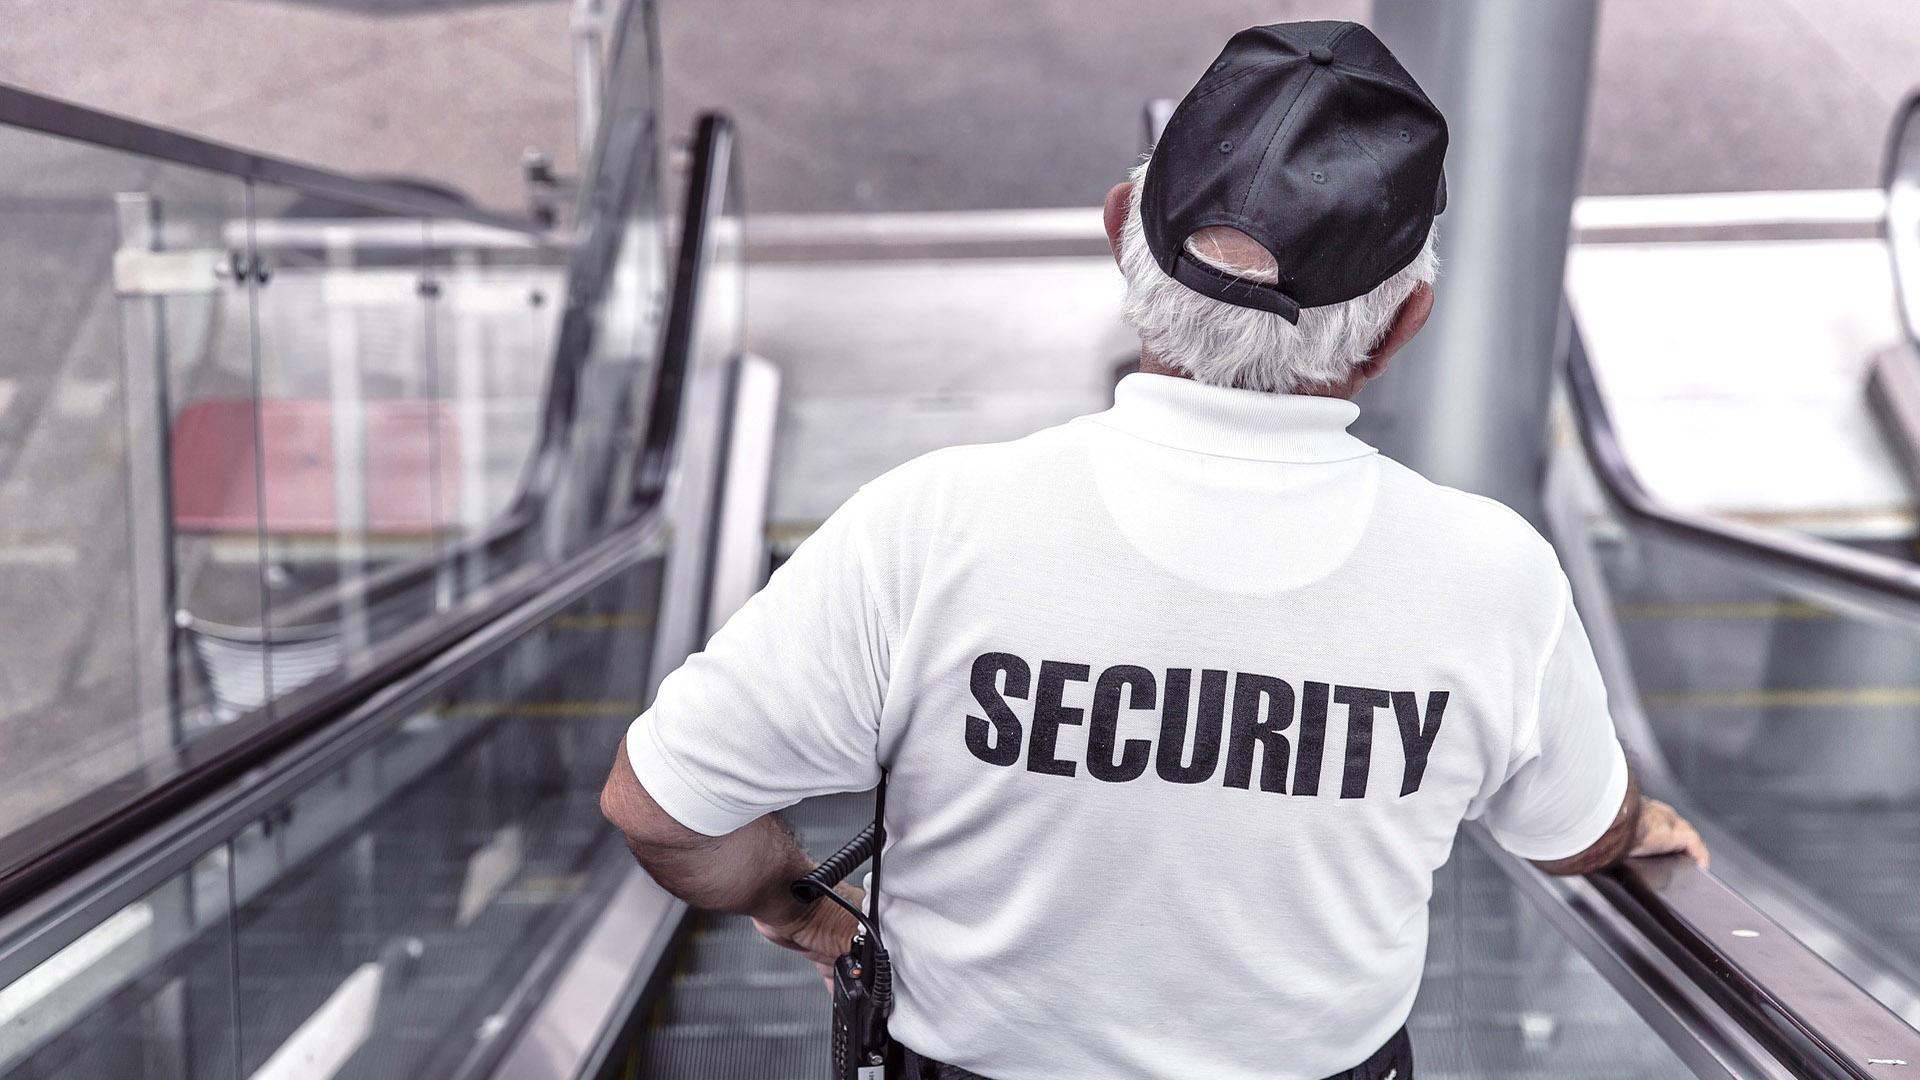 Nunca se esqueça! Os agentes de segurança estão realizando o trabalho deles. Sua segurança e de outros passageiros é a aprioridade.